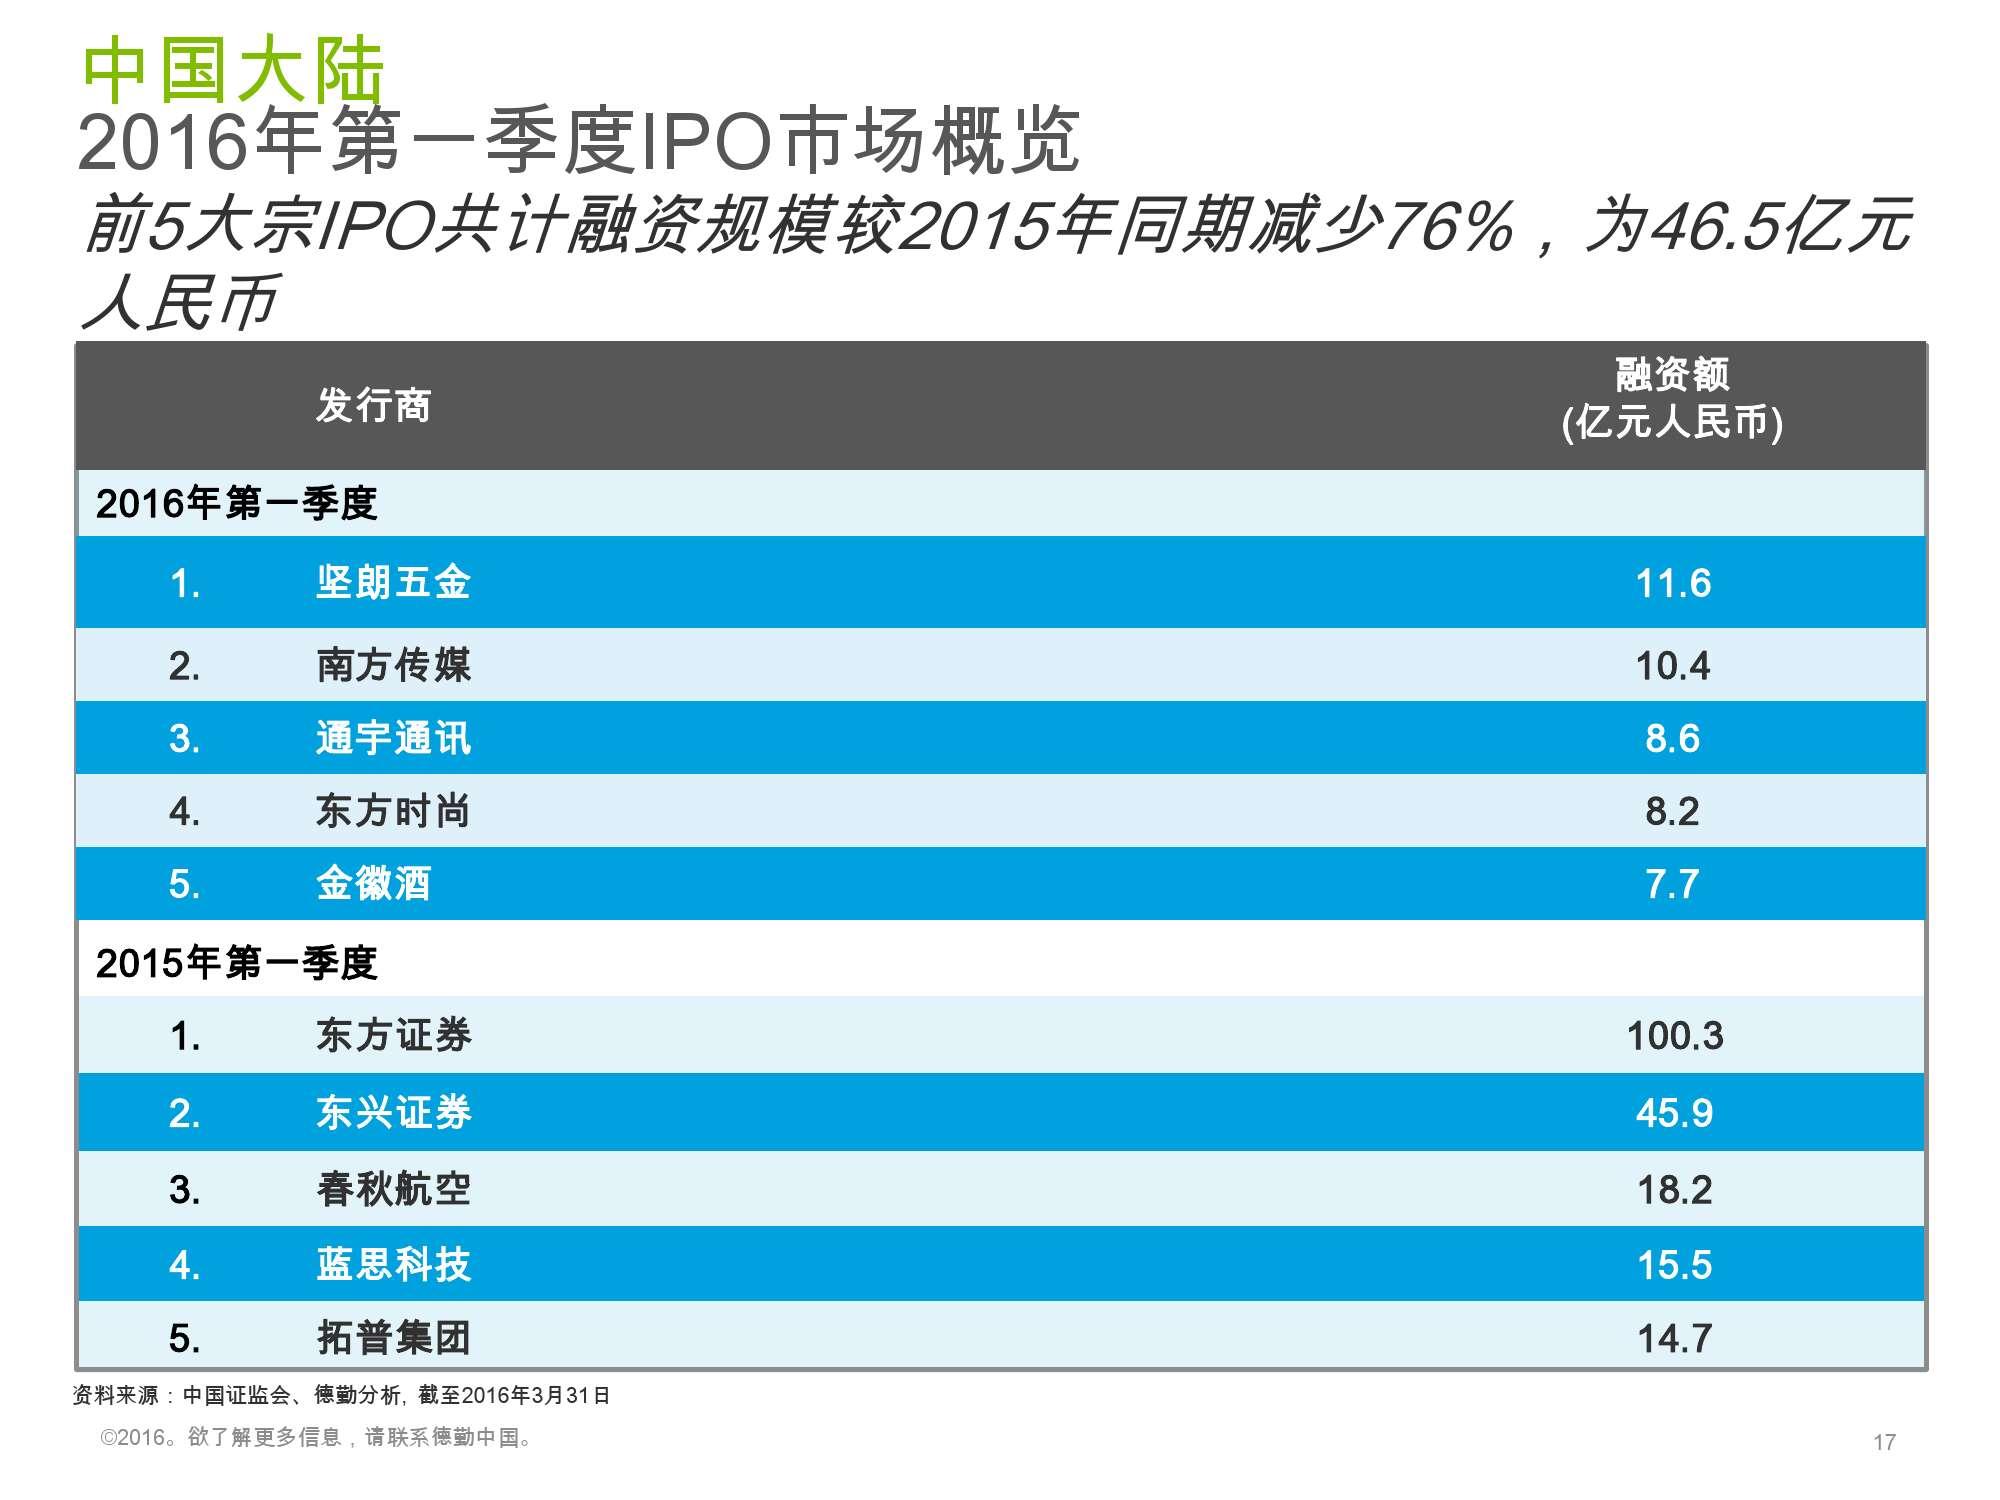 香港及中国大陆IPO市场2016年1季度_000017